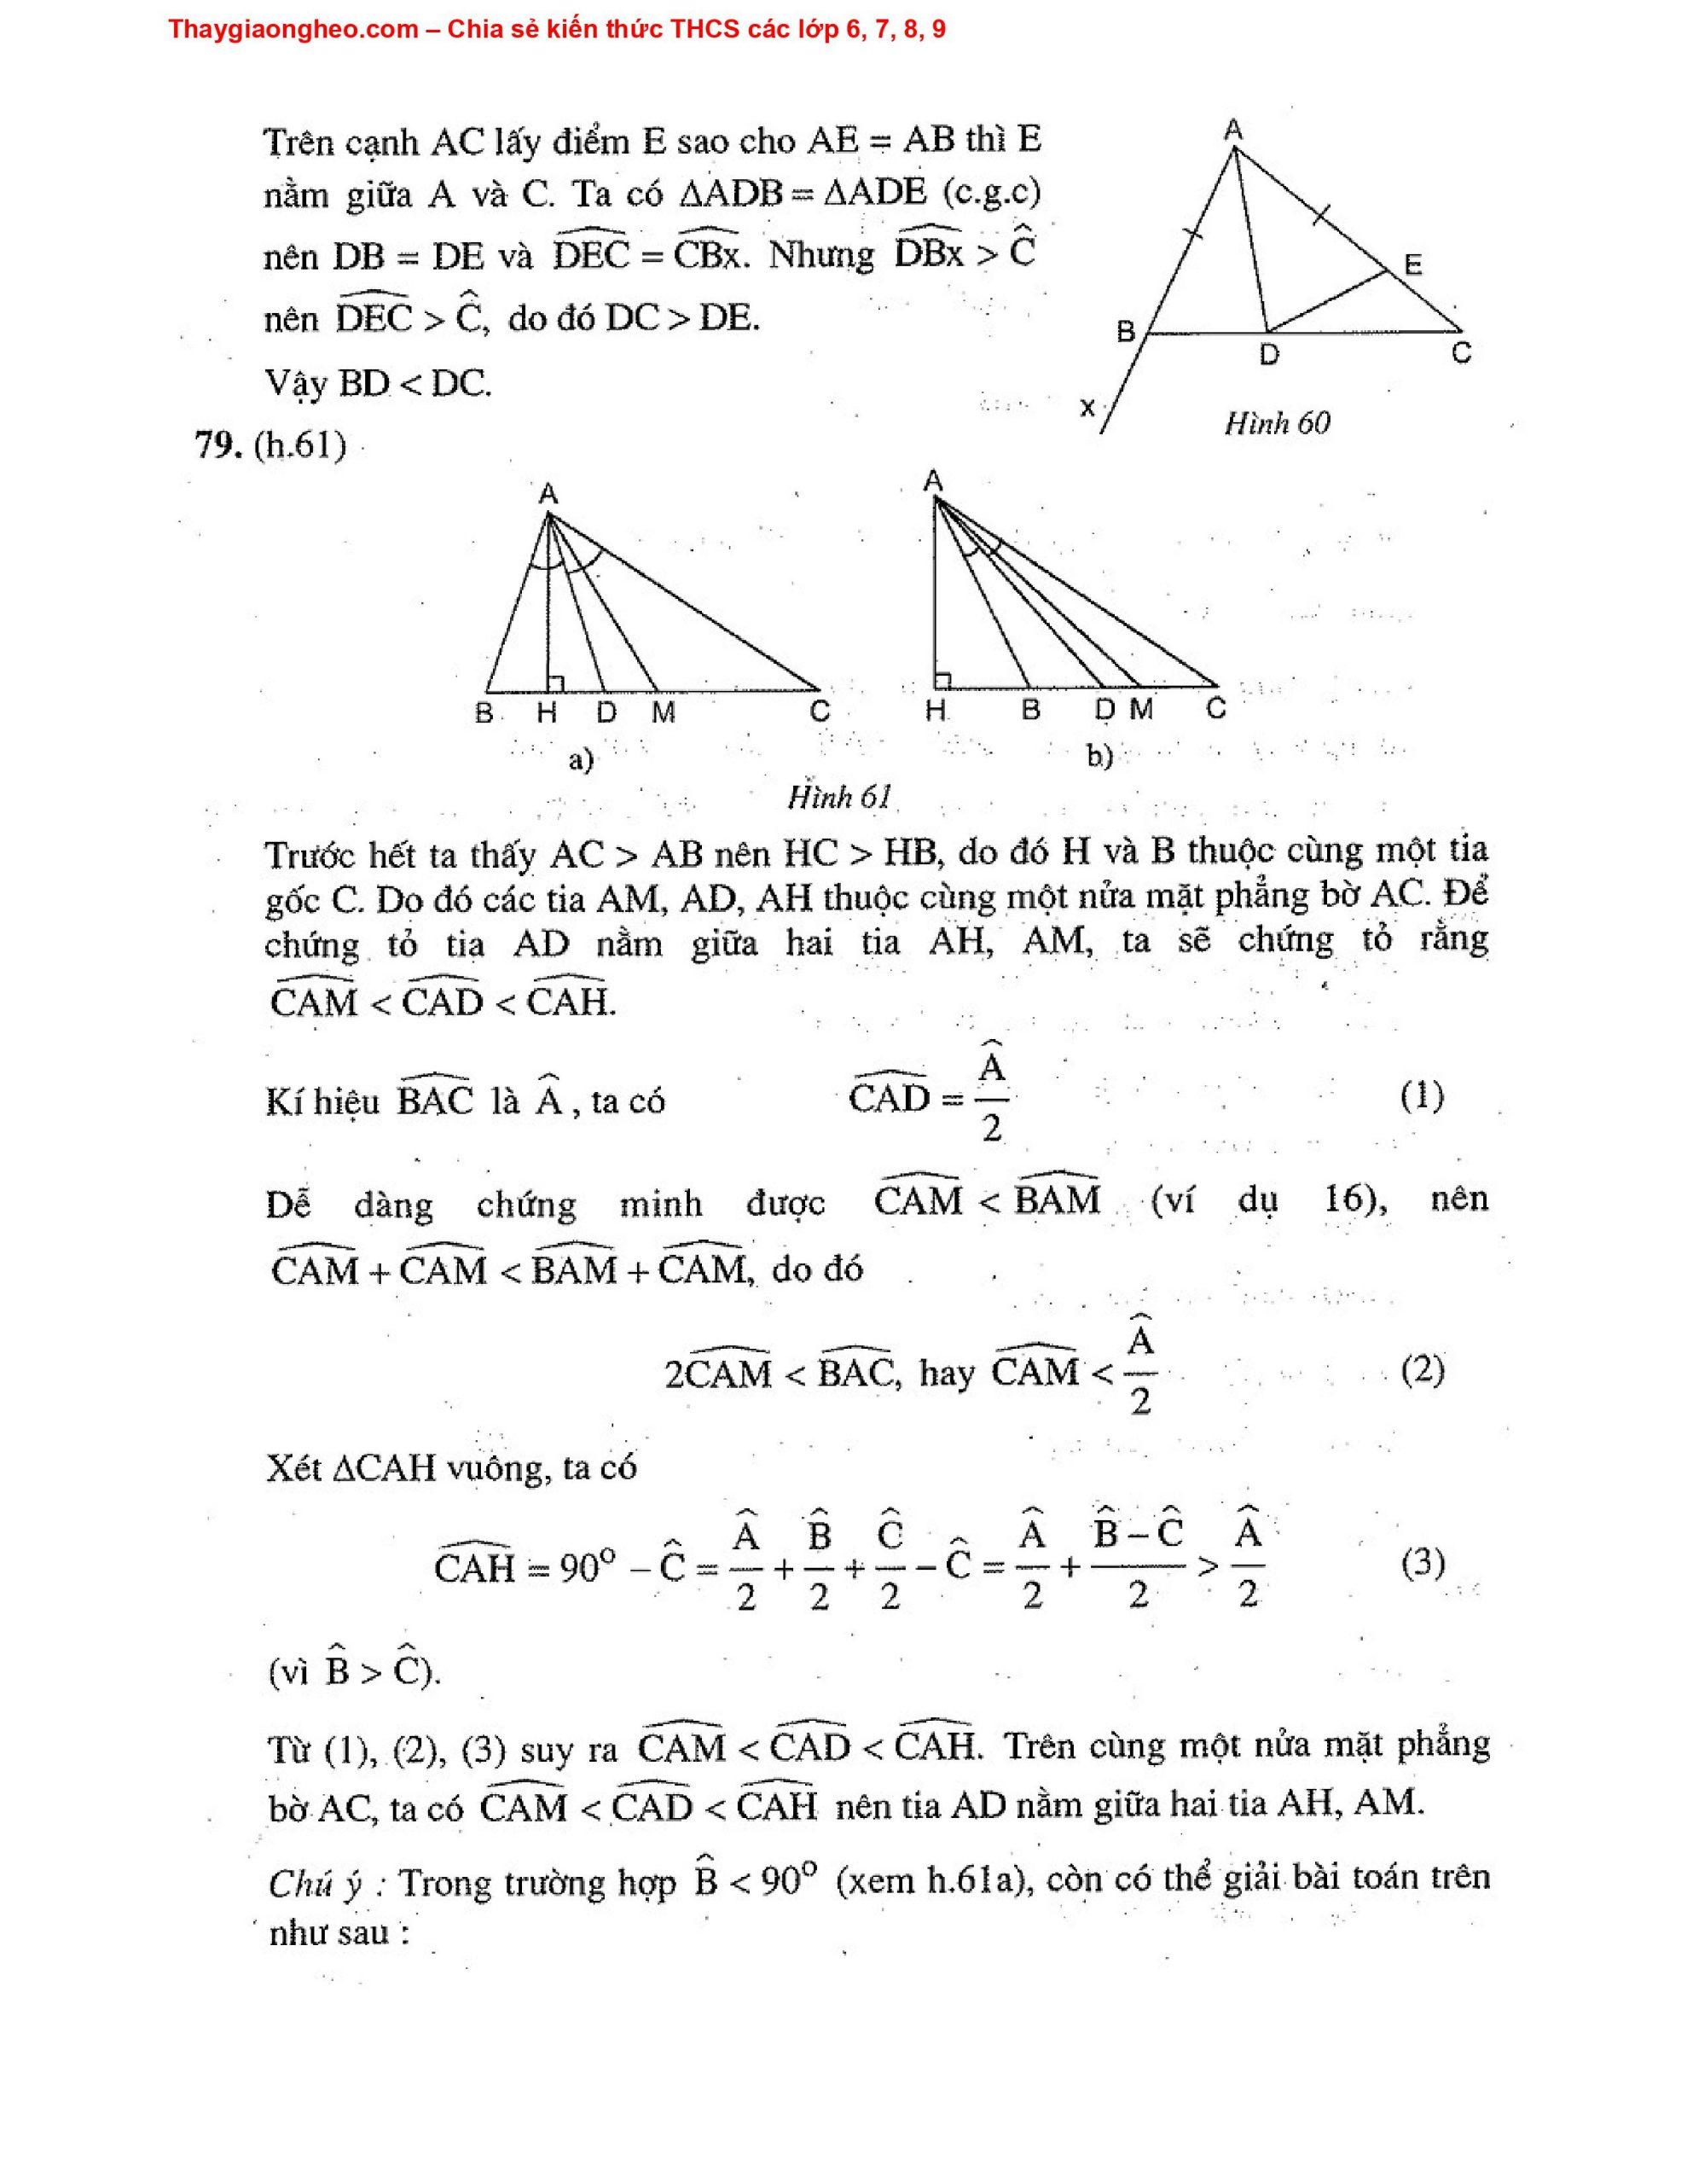 Toán Hình Học 7 Nâng Cao HK2 - Tập 2 Bộ GD